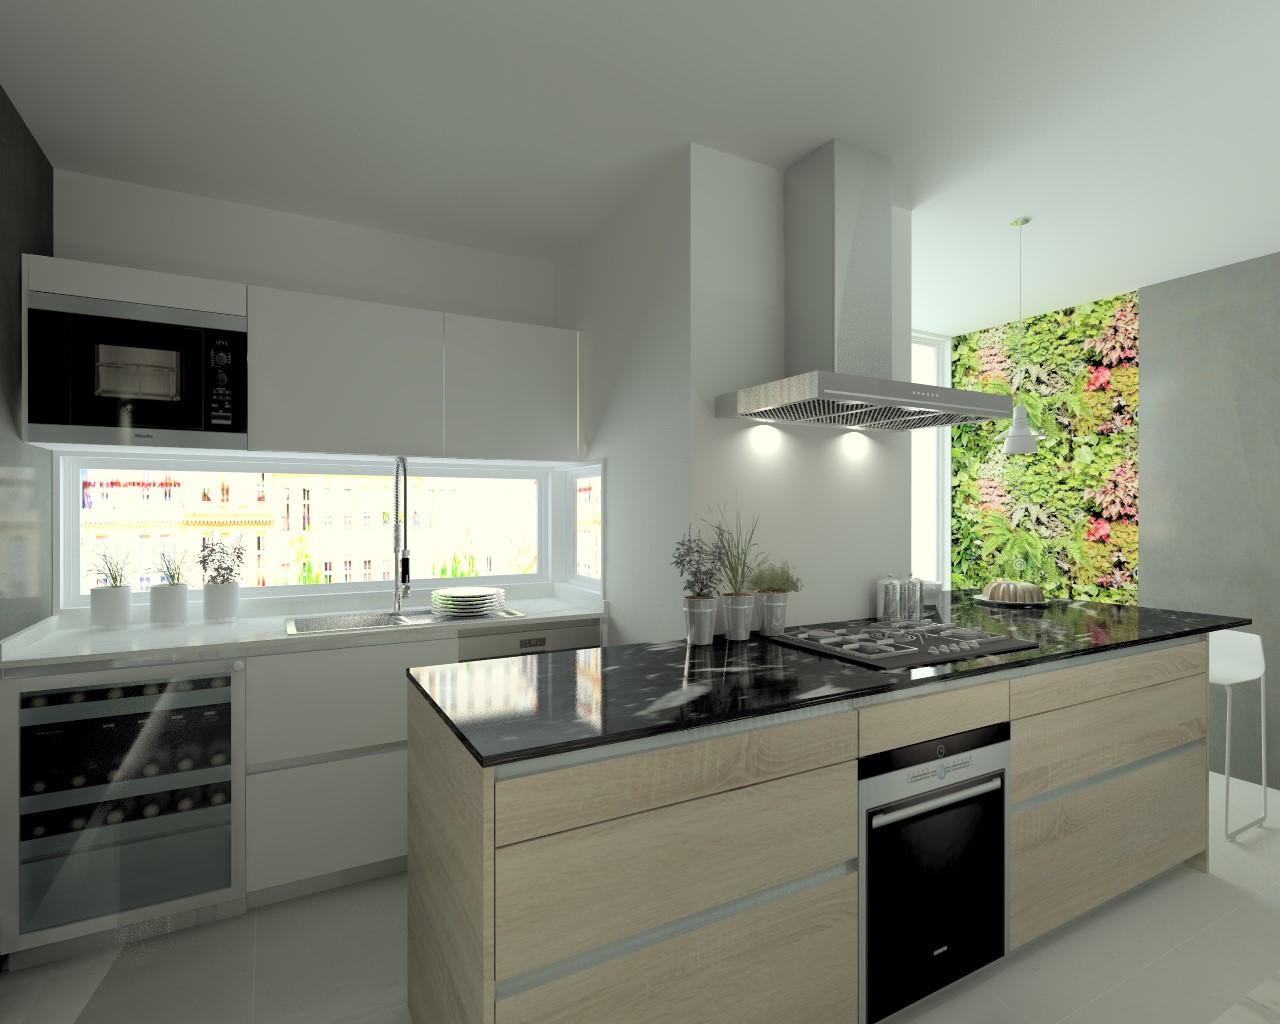 Encimera marmol cocina blanco statuario marmol cocina - Marmol en cocina ...